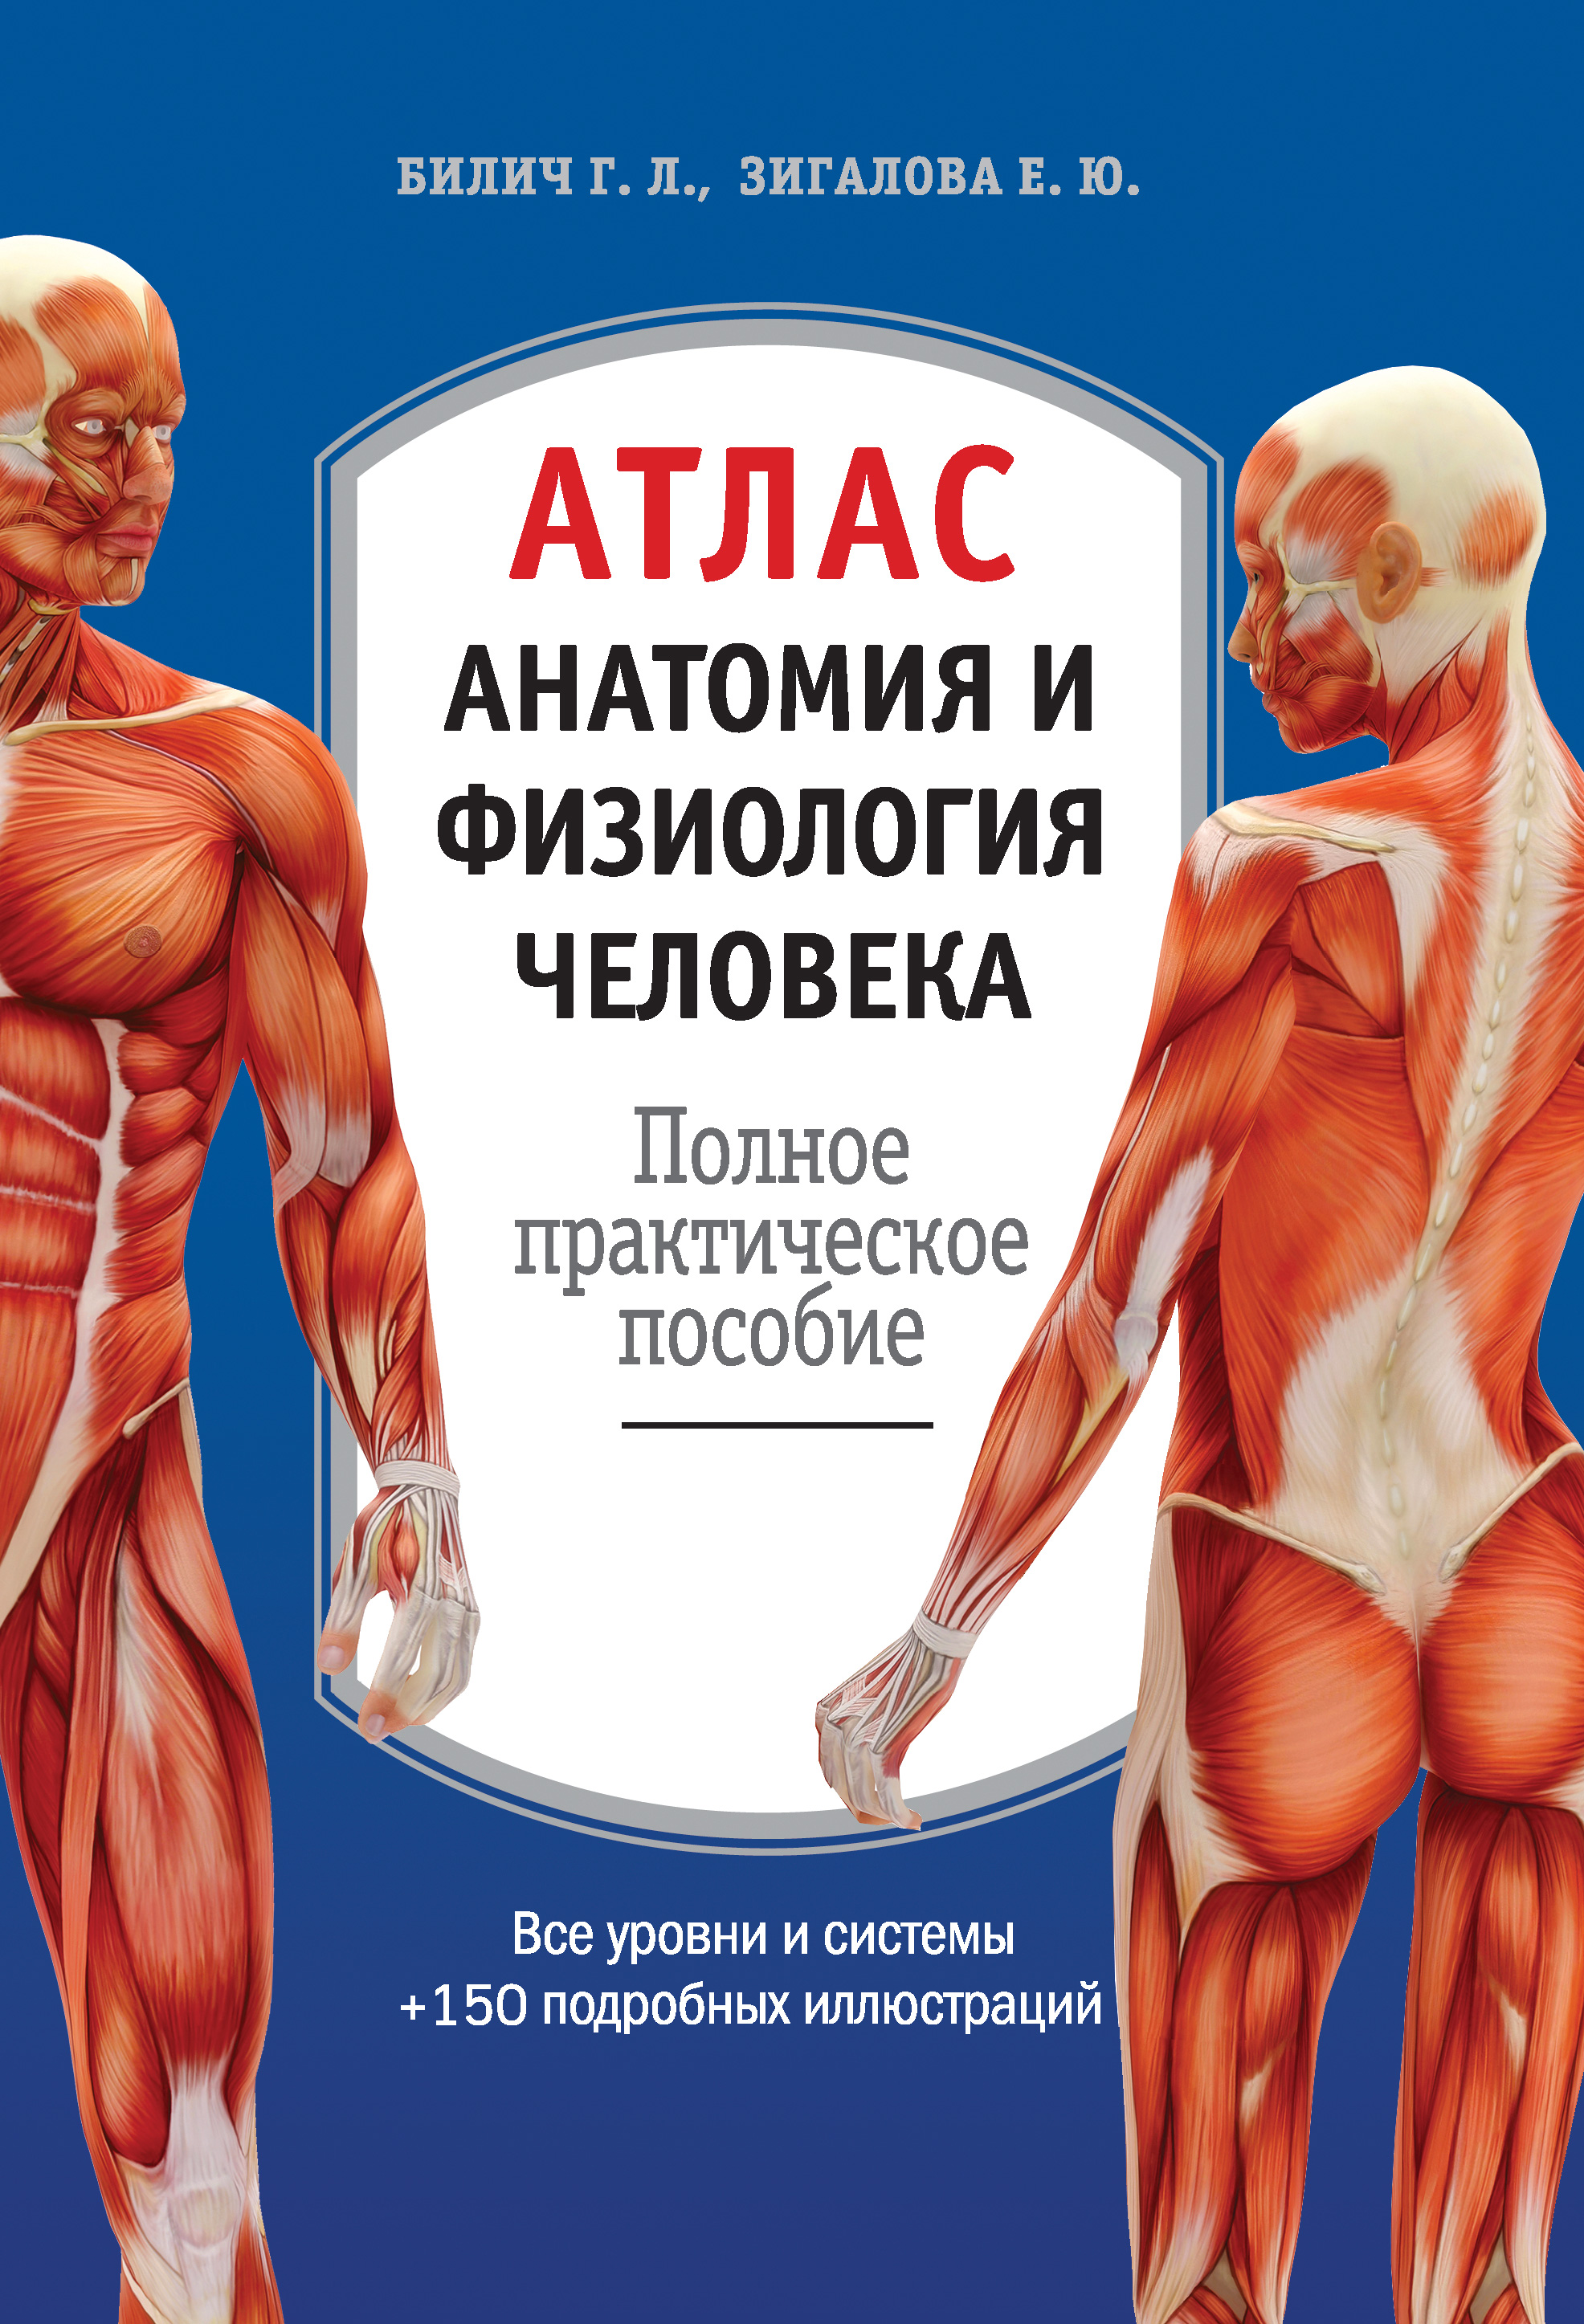 Г. Л. Билич Атлас: анатомия и физиология человека. Полное практическое пособие г л билич е ю зигалова атлас анатомия и физиология человека полное практическое пособие 2 е издание дополненное